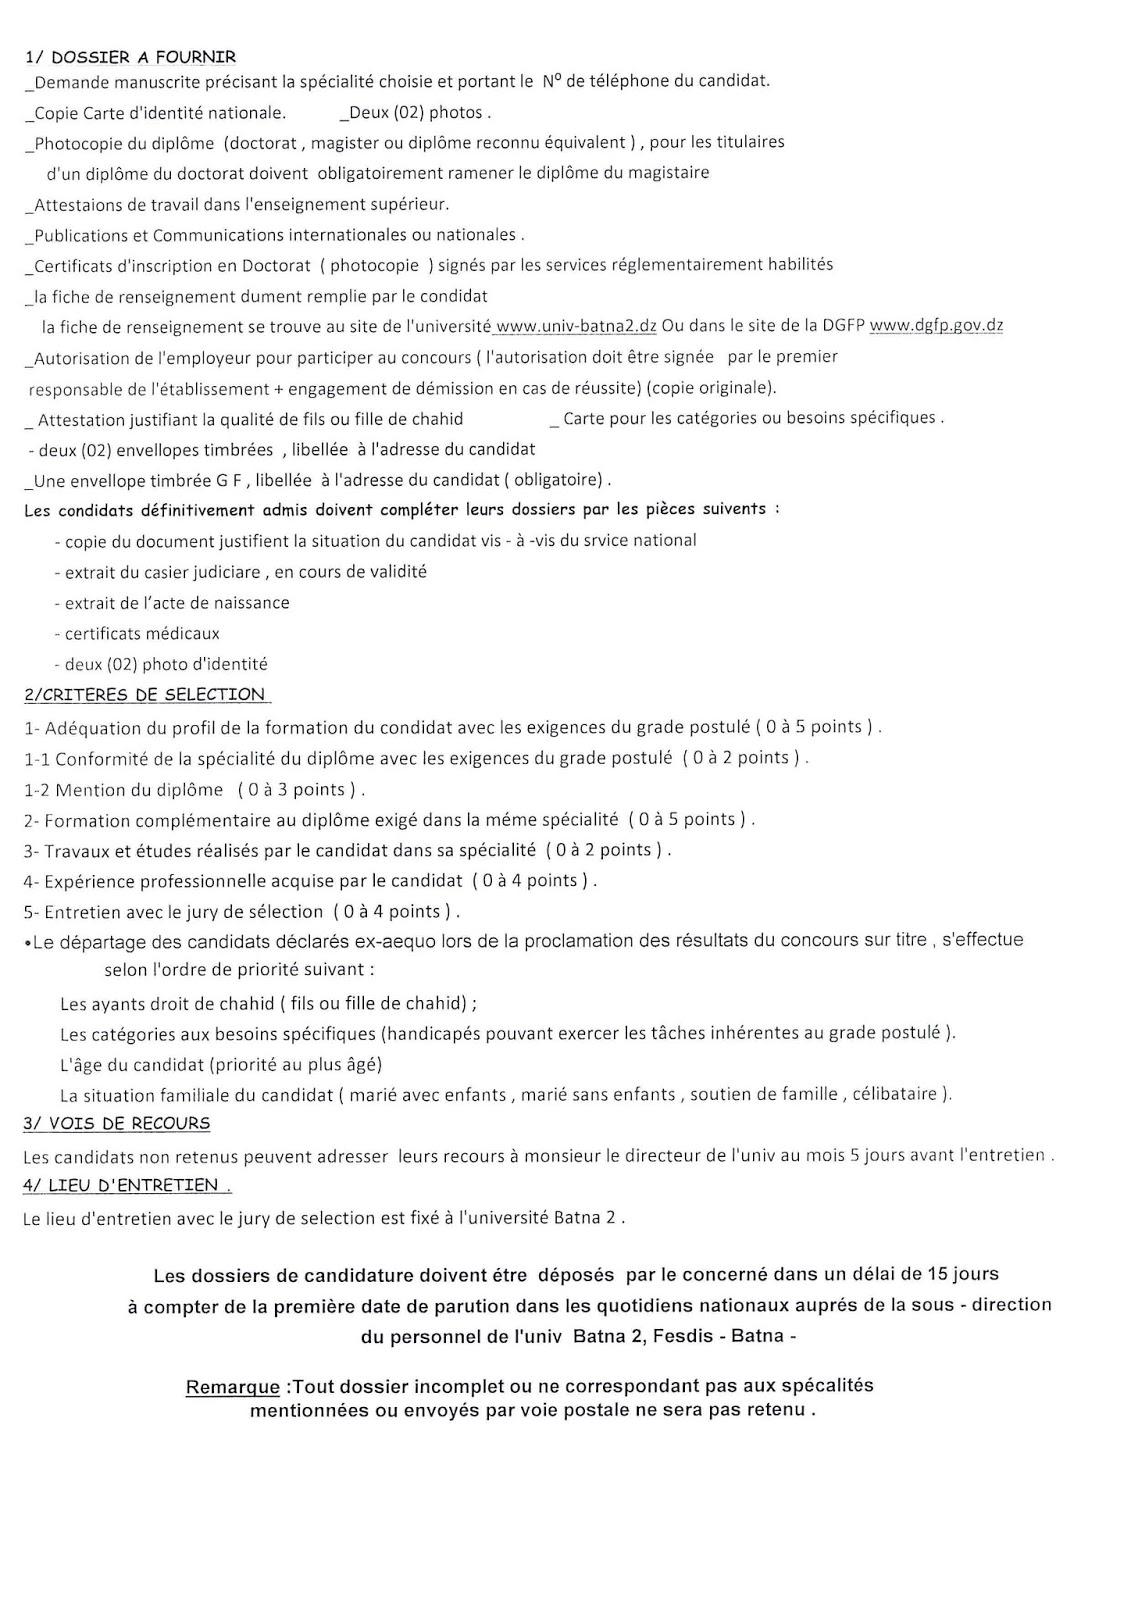 توظيف أساتذة مساعدين بجامعة باتنة -2-